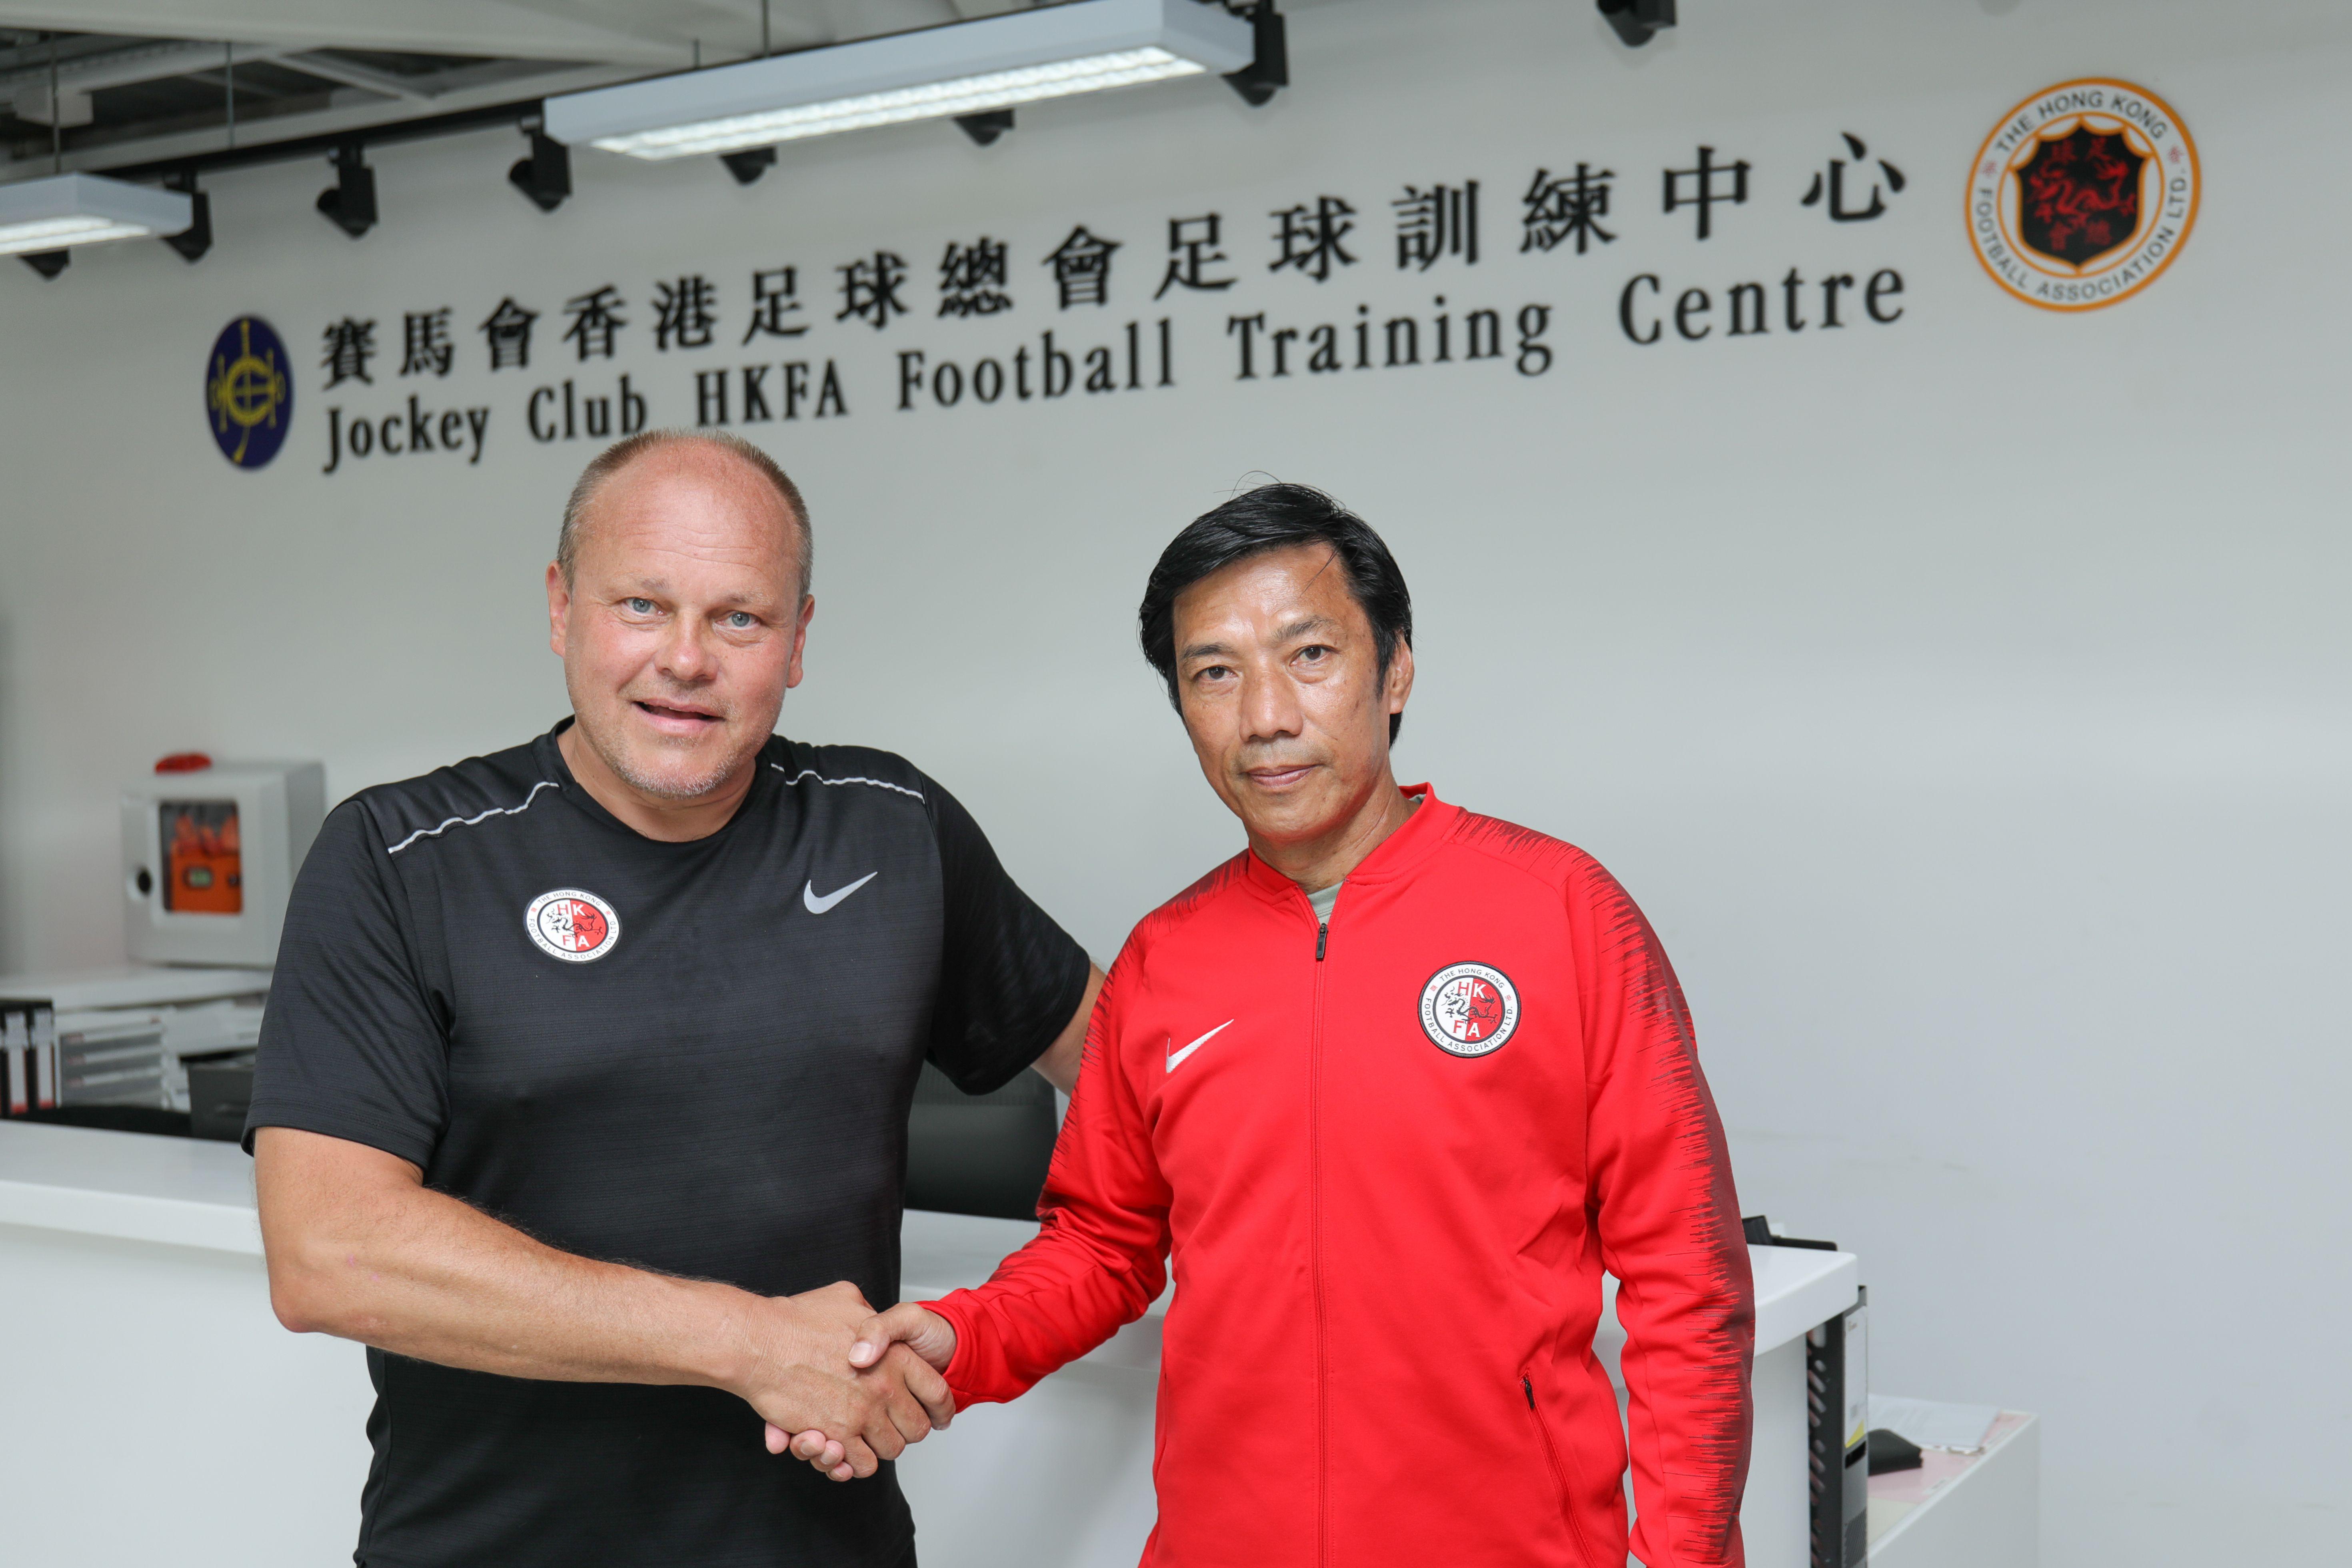 傑志宣布新球季轉任足球總監的朱志光,轉任成為港隊助理主教練。相片由公關提供